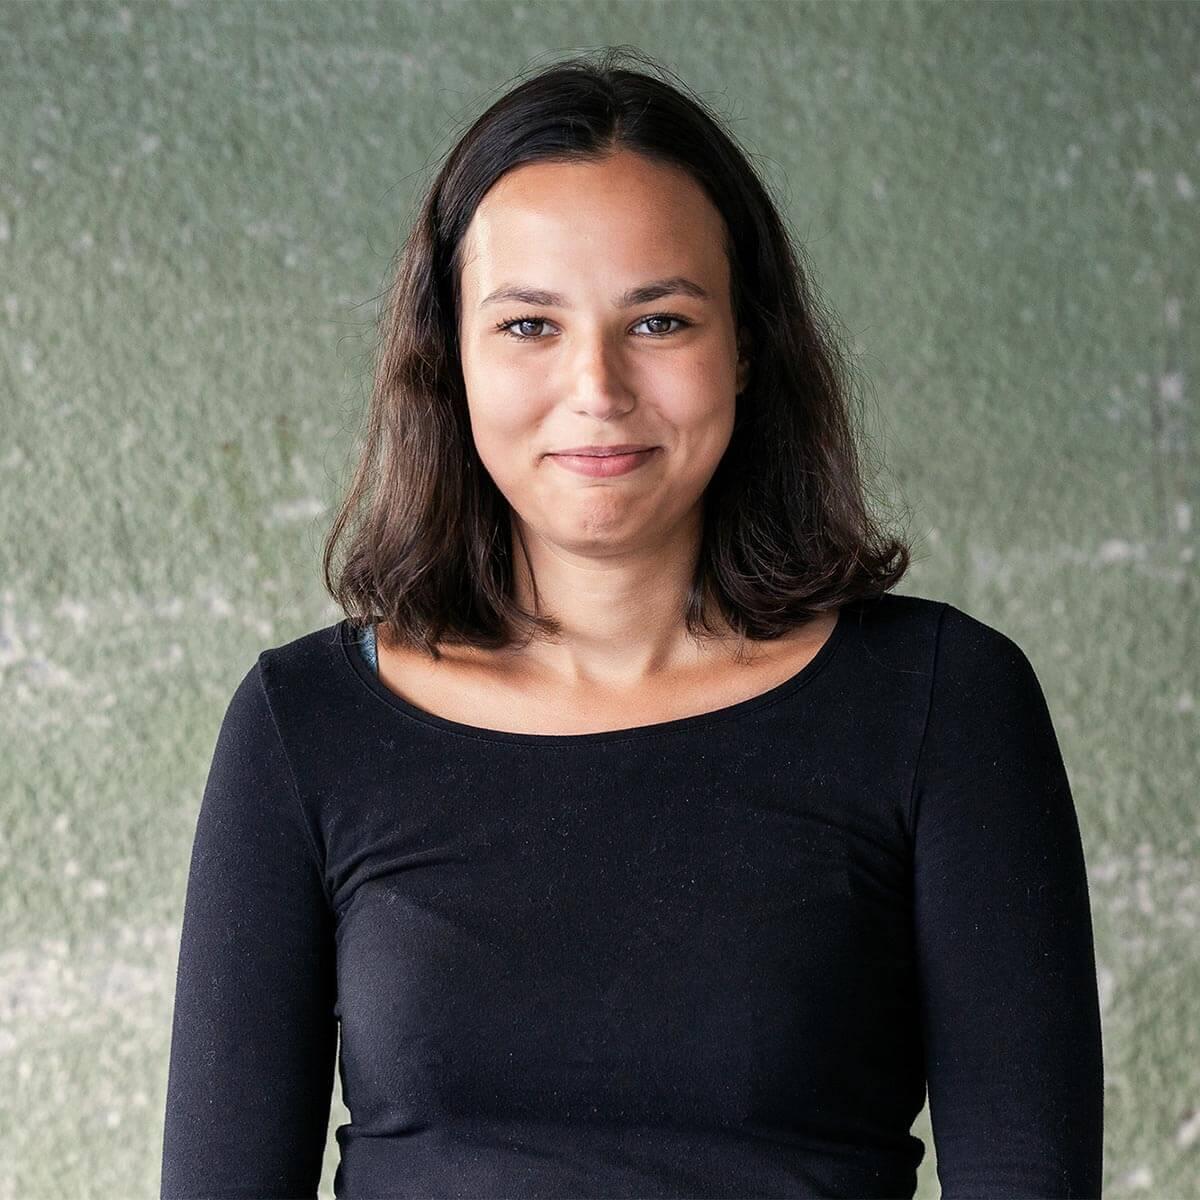 Charlotte Gommert